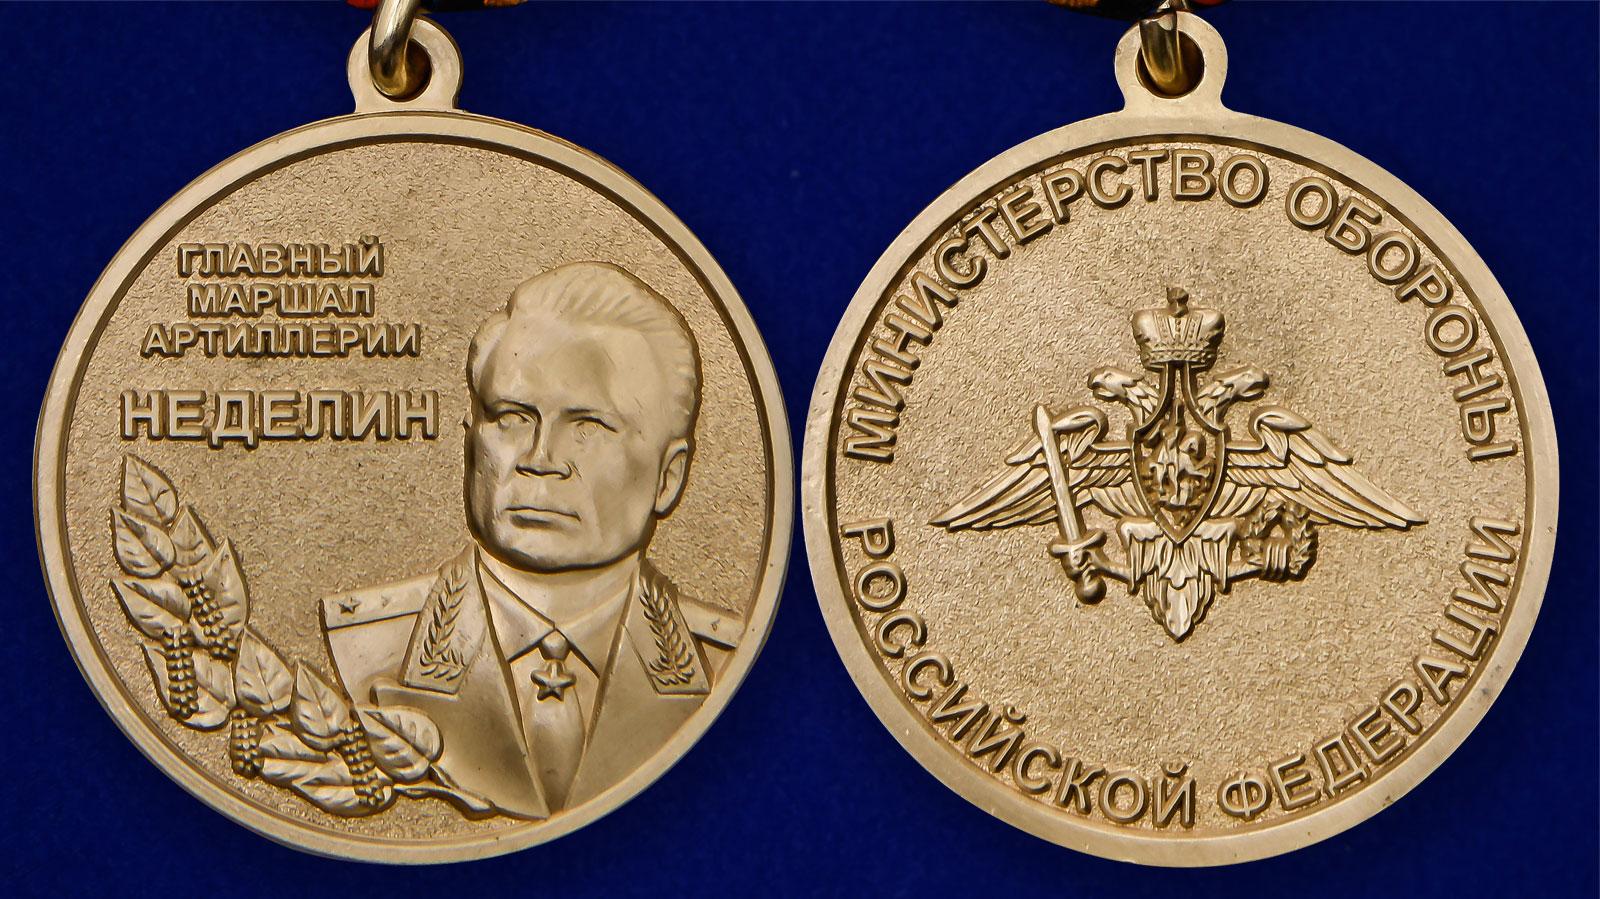 Памятная медаль Главный маршал артиллерии Неделин - аверс и реверс